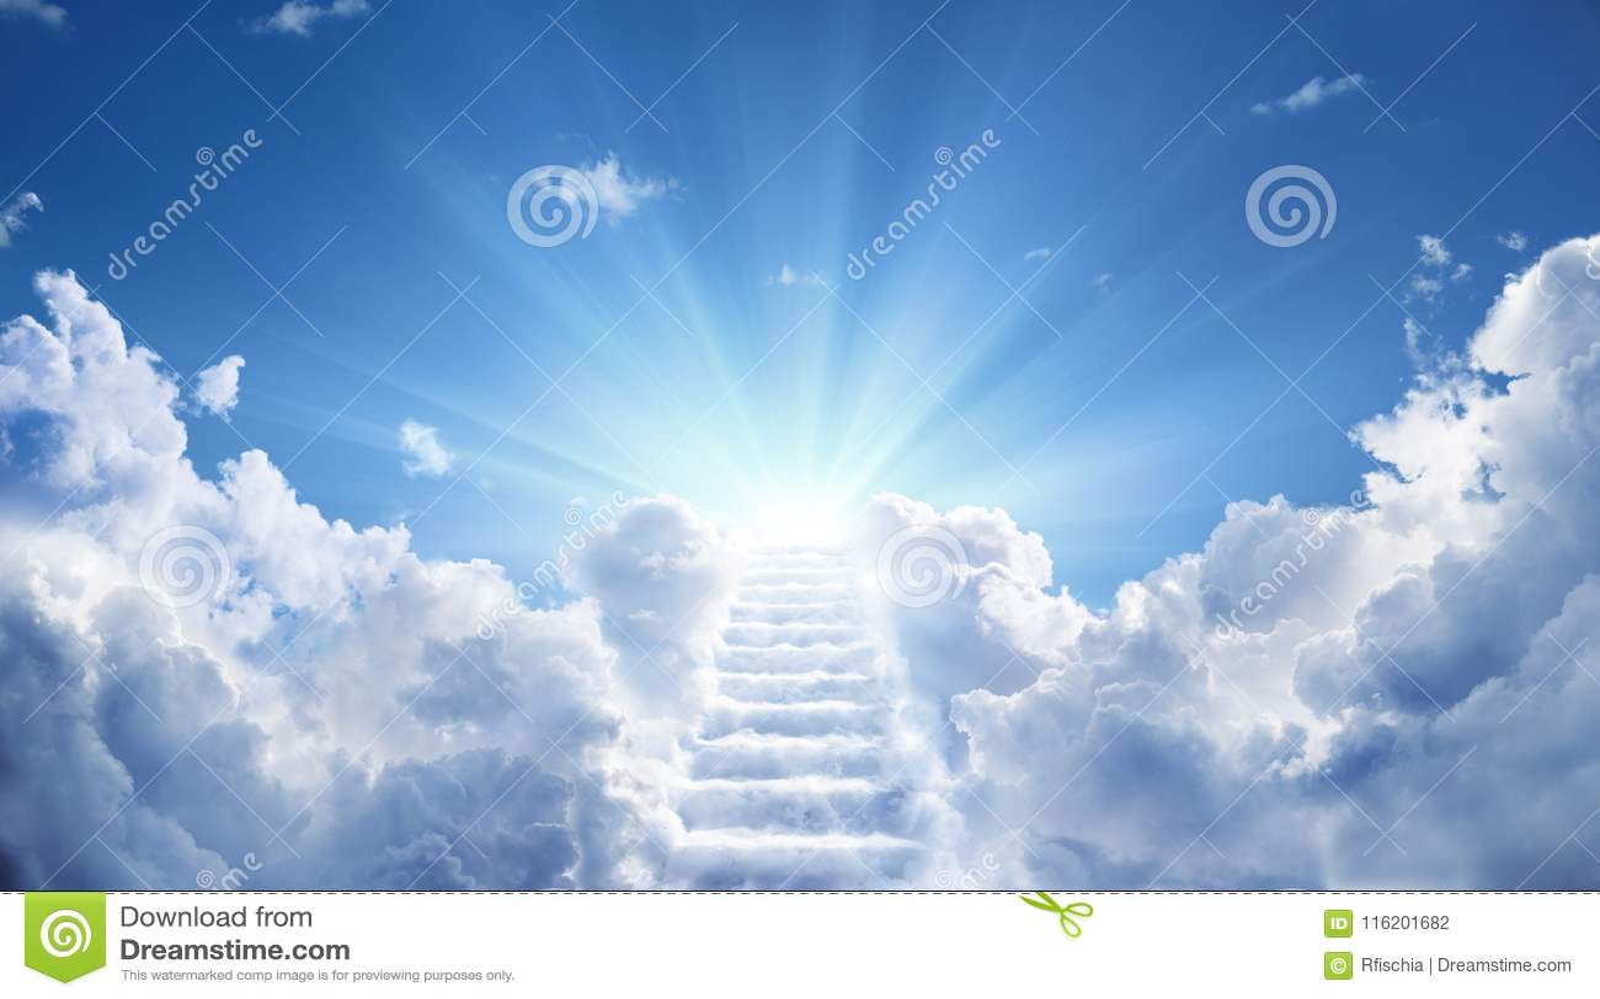 Escalier amenant au ciel merveilleux